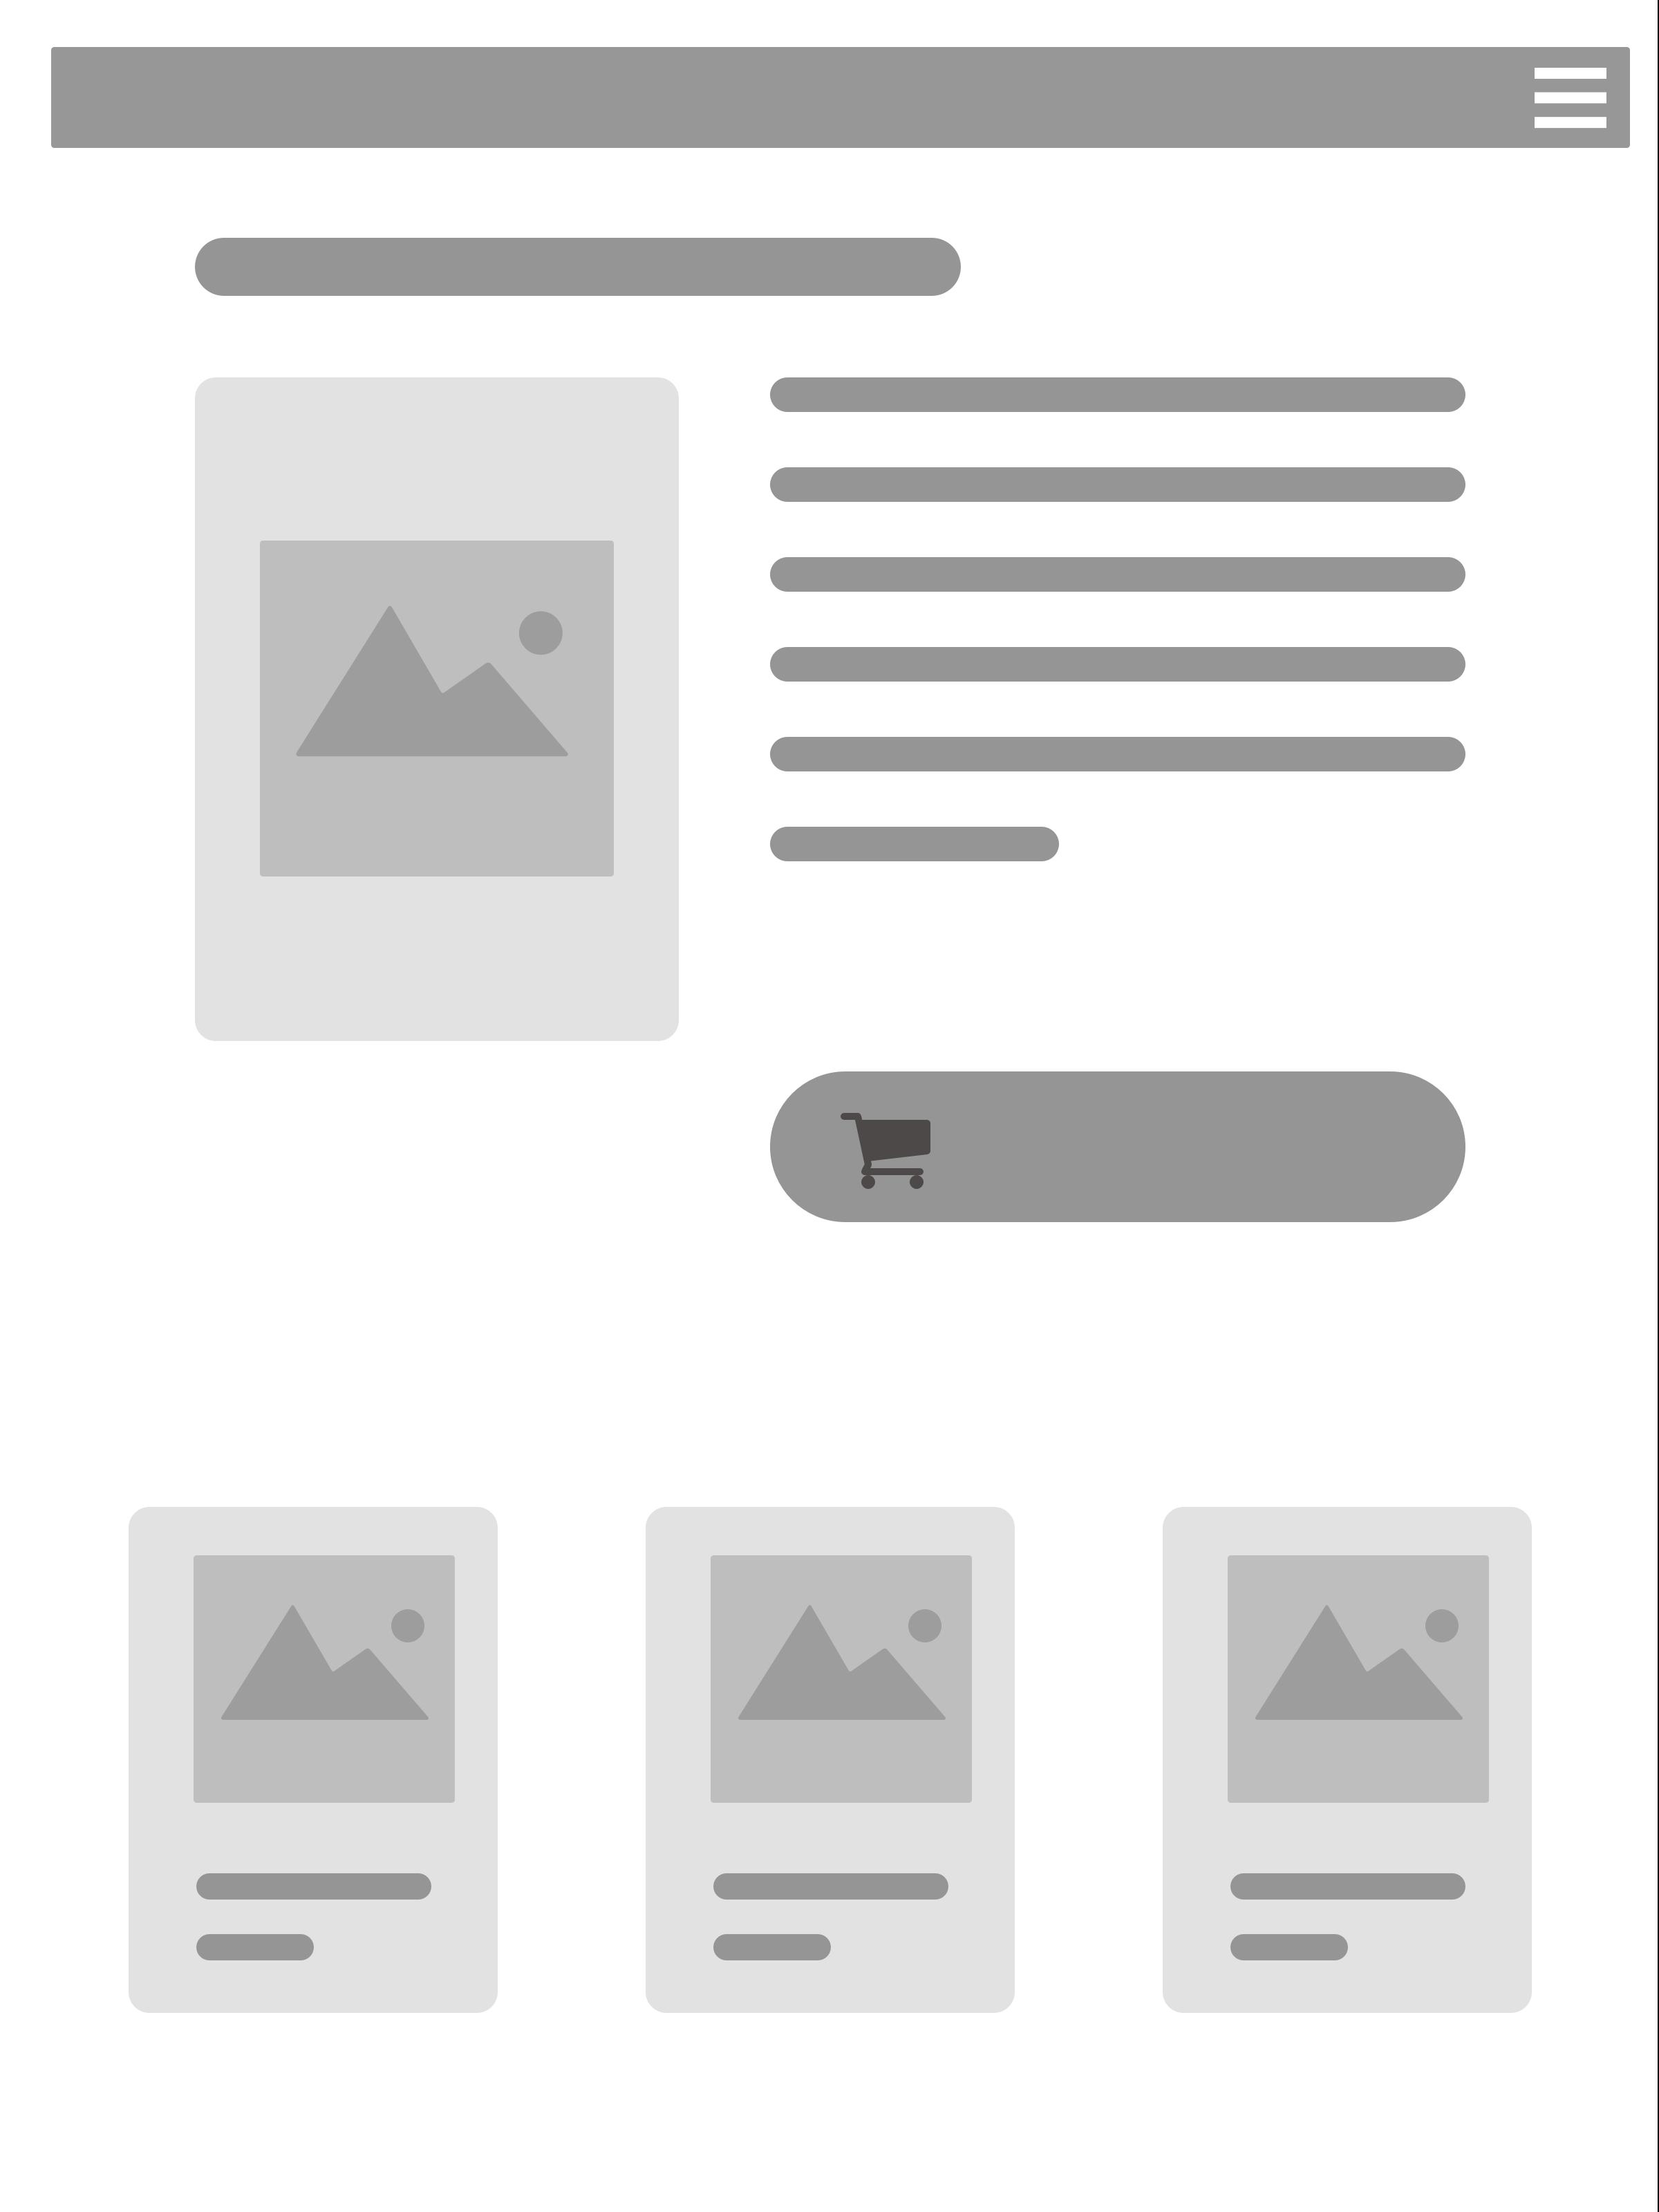 Genius Online Shop Previous Next Buttons Desktop